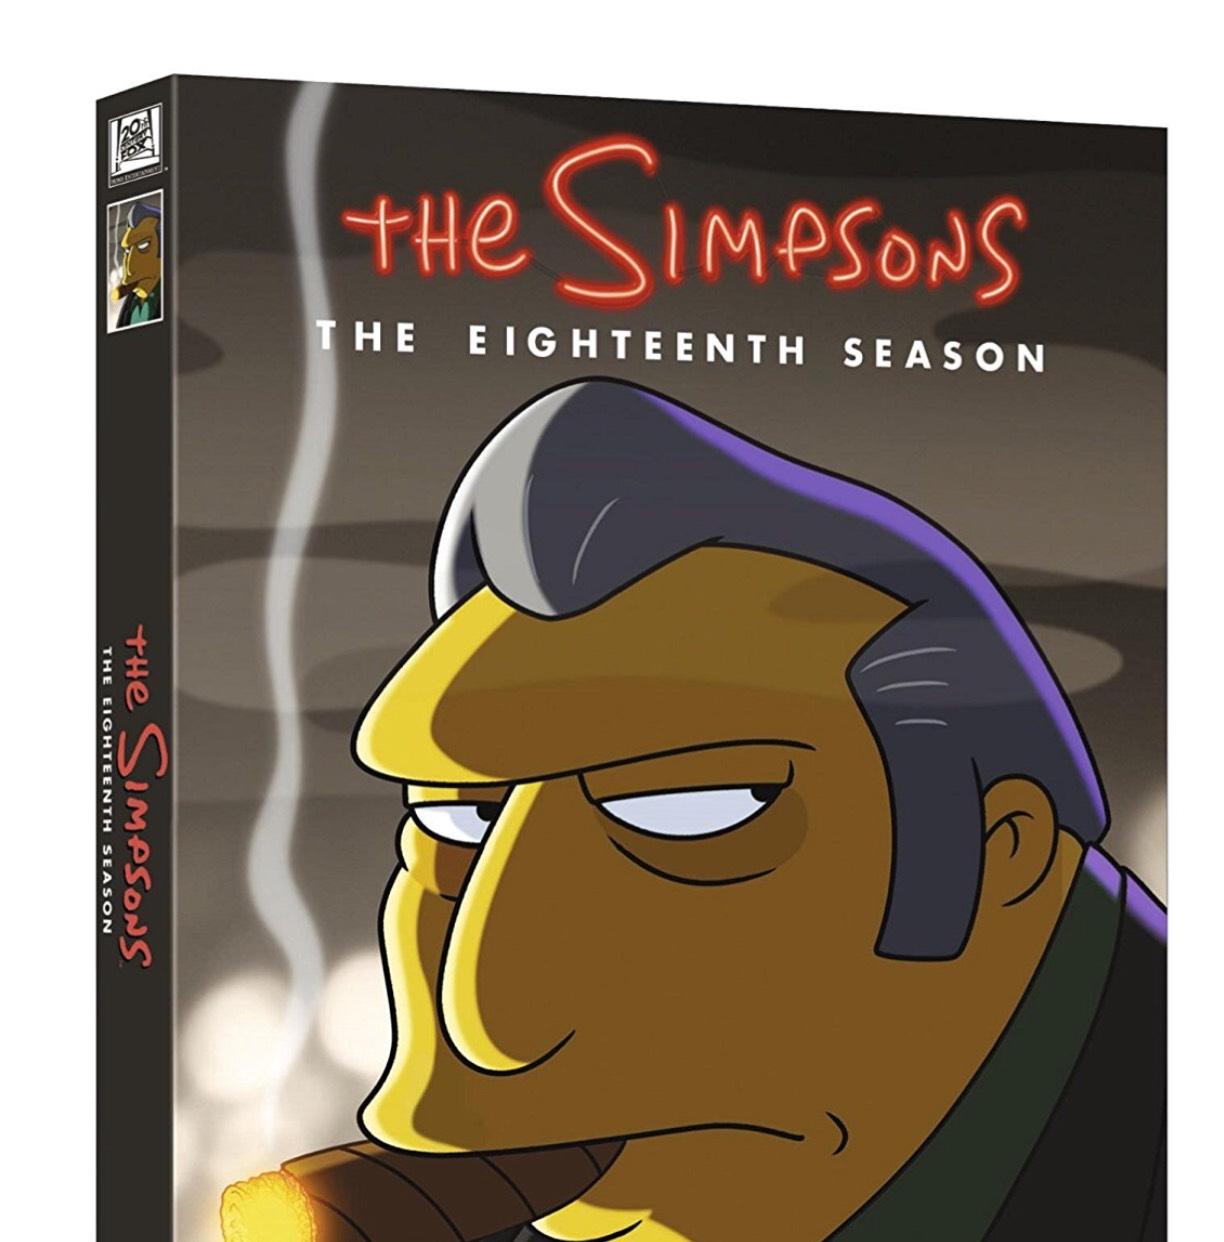 The Simpsons Complete Season 18 £18 (Prime) (£19.99 non prime) @ Amazon